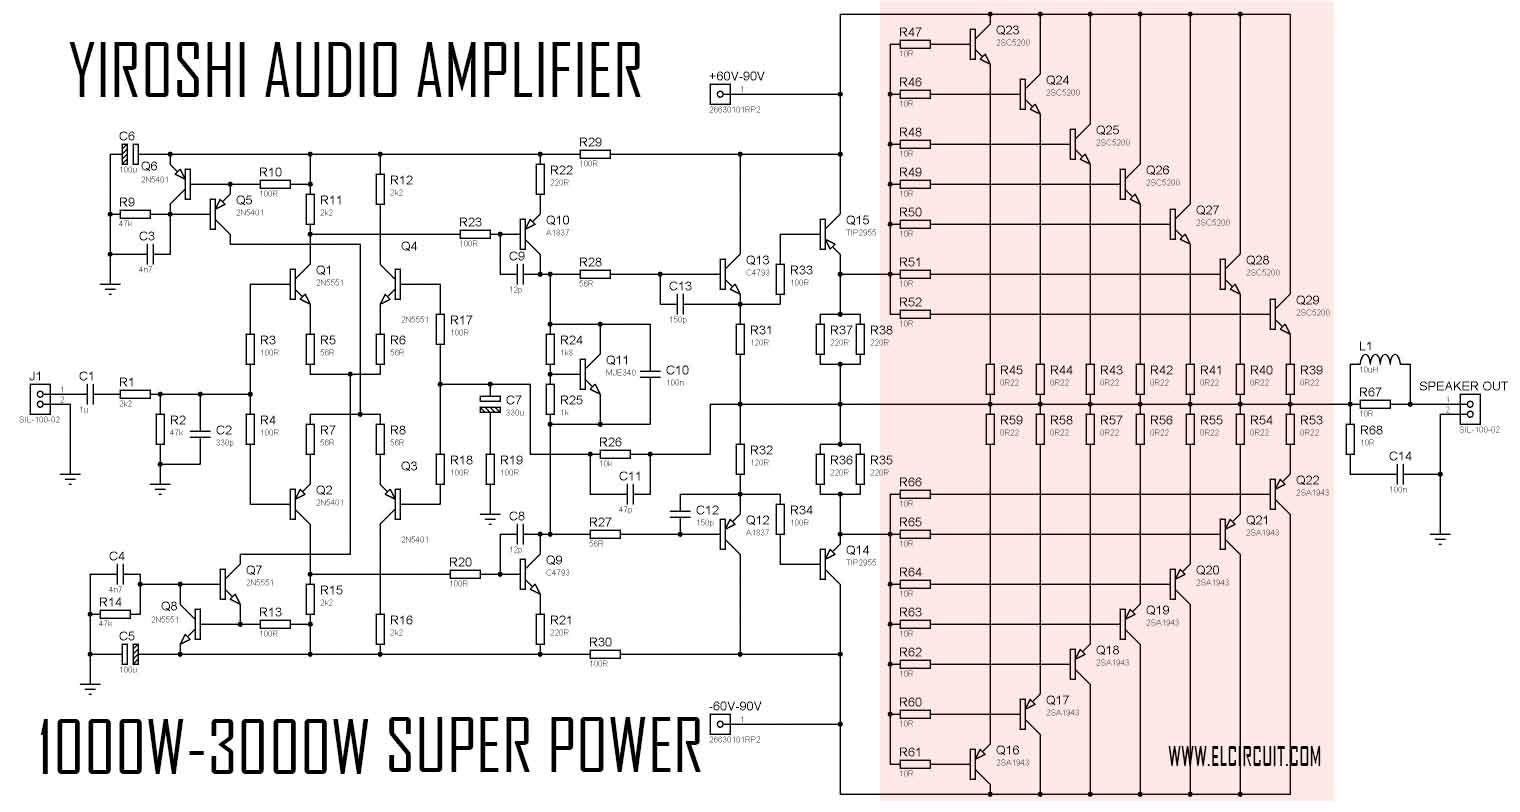 Yiroshi audio power amplifier circuit diagram